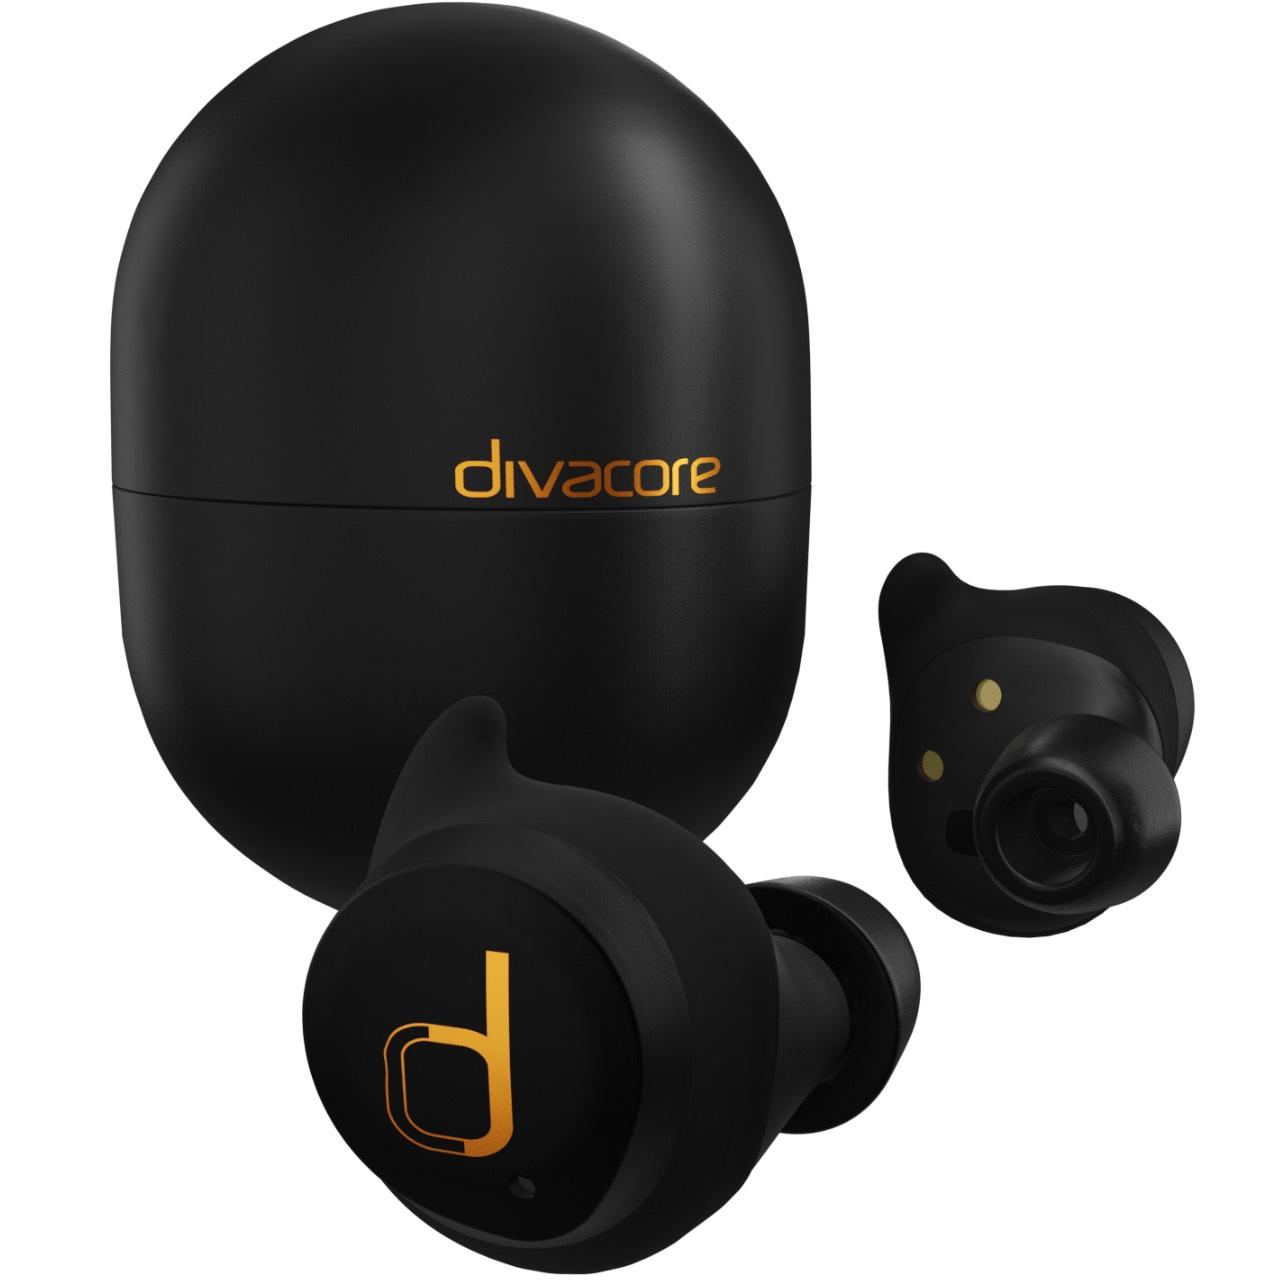 Lot de 2 paires d'écouteurs intra-auriculaires sans-fil Divacore Antipods 2 - divacore.com